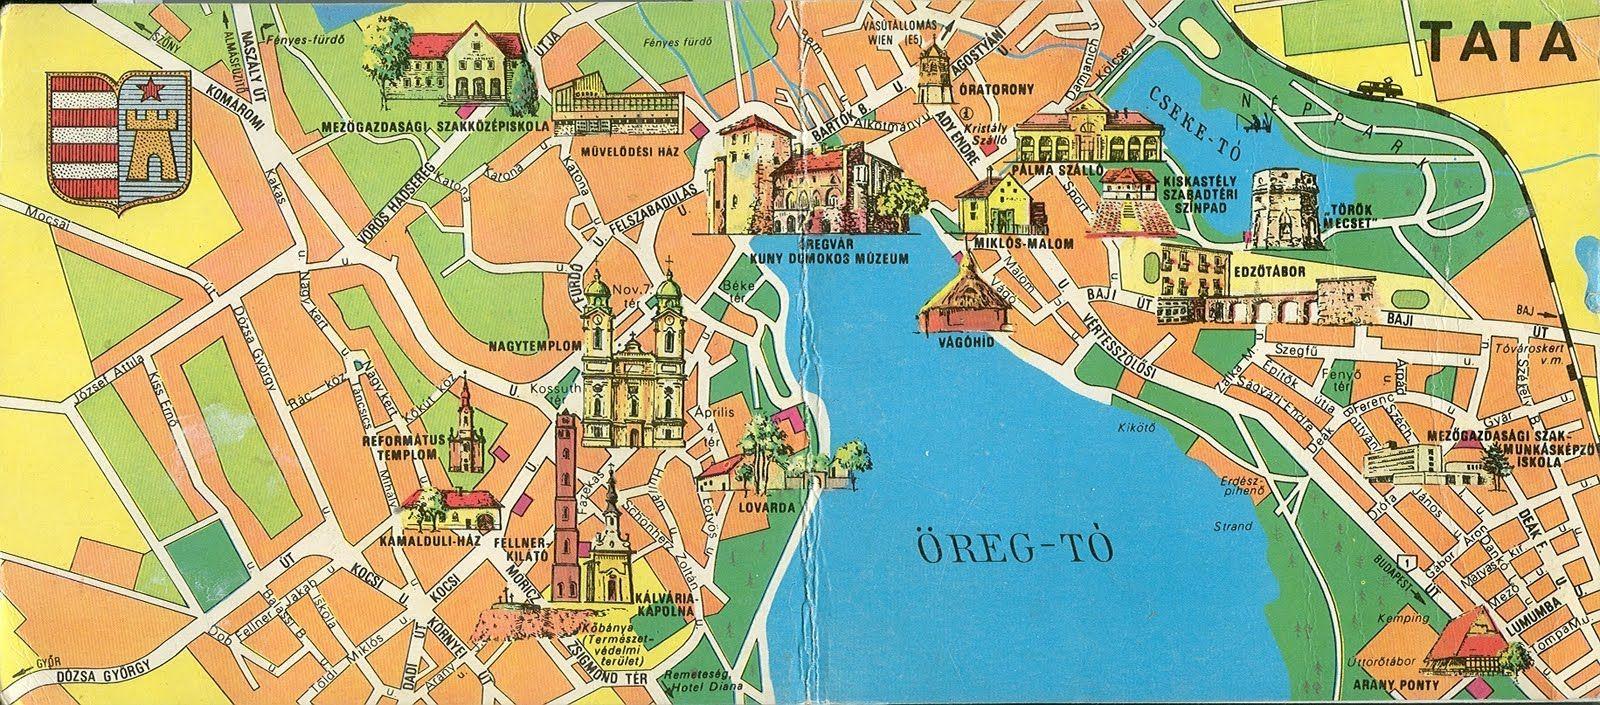 tata térkép látnivalók Tata (1600×705) | utazás | Pinterest tata térkép látnivalók